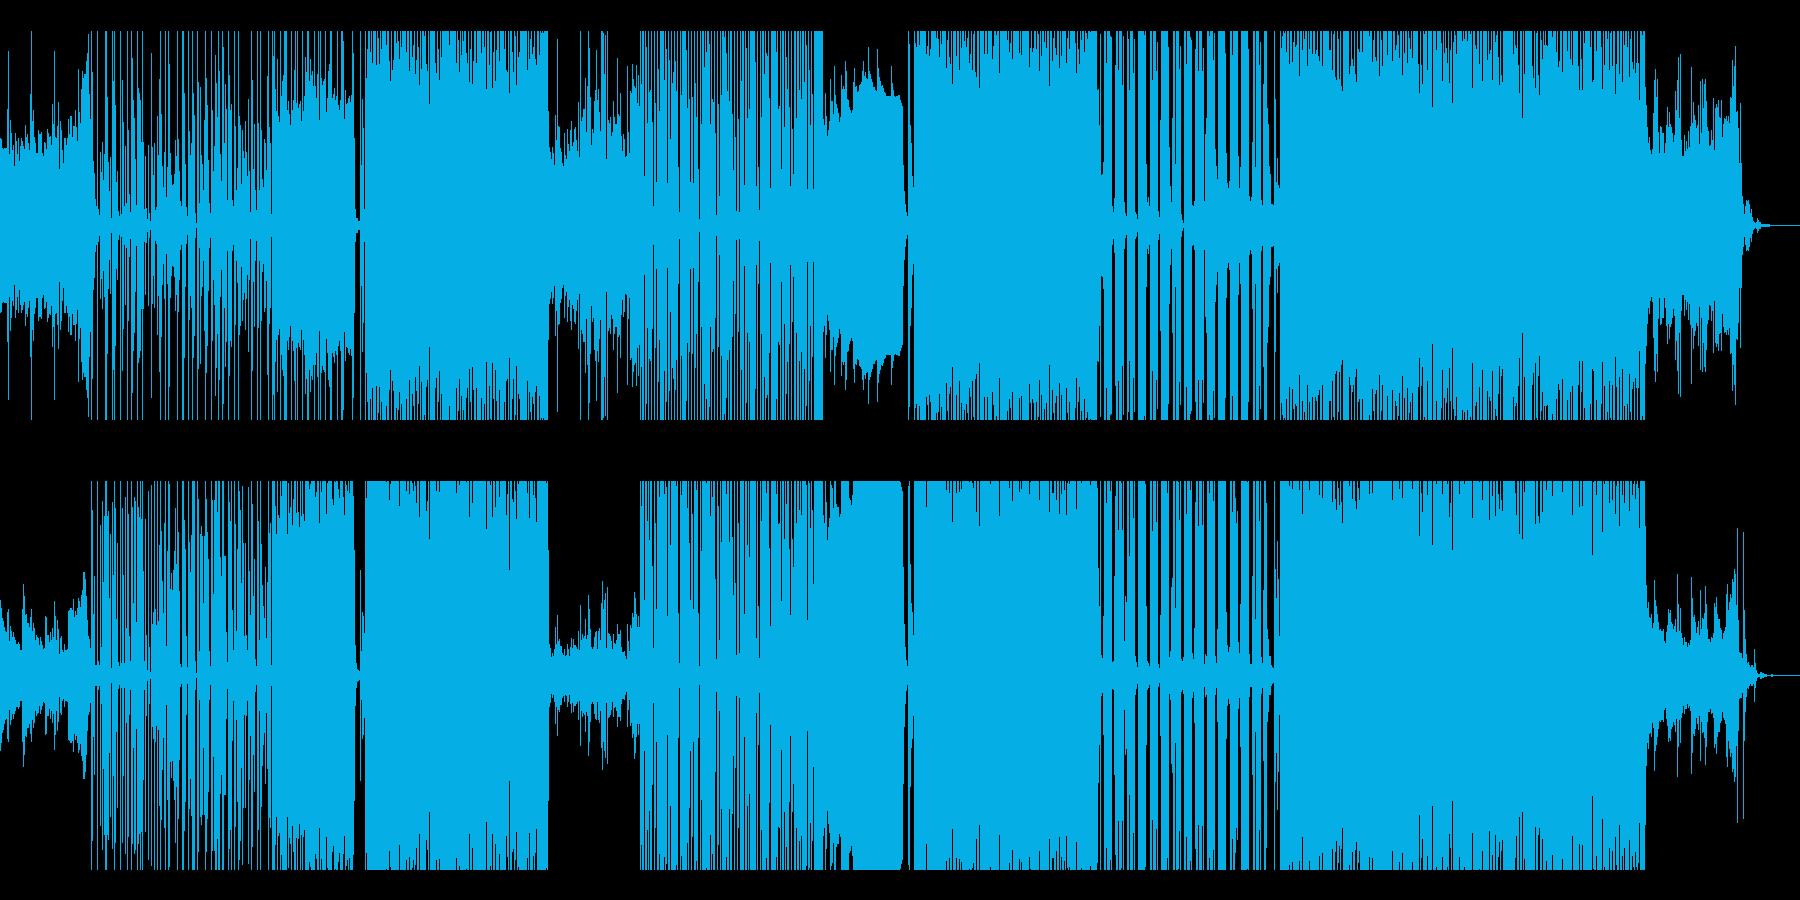 ピアノ中心疾走感メロディアスな企業VPの再生済みの波形